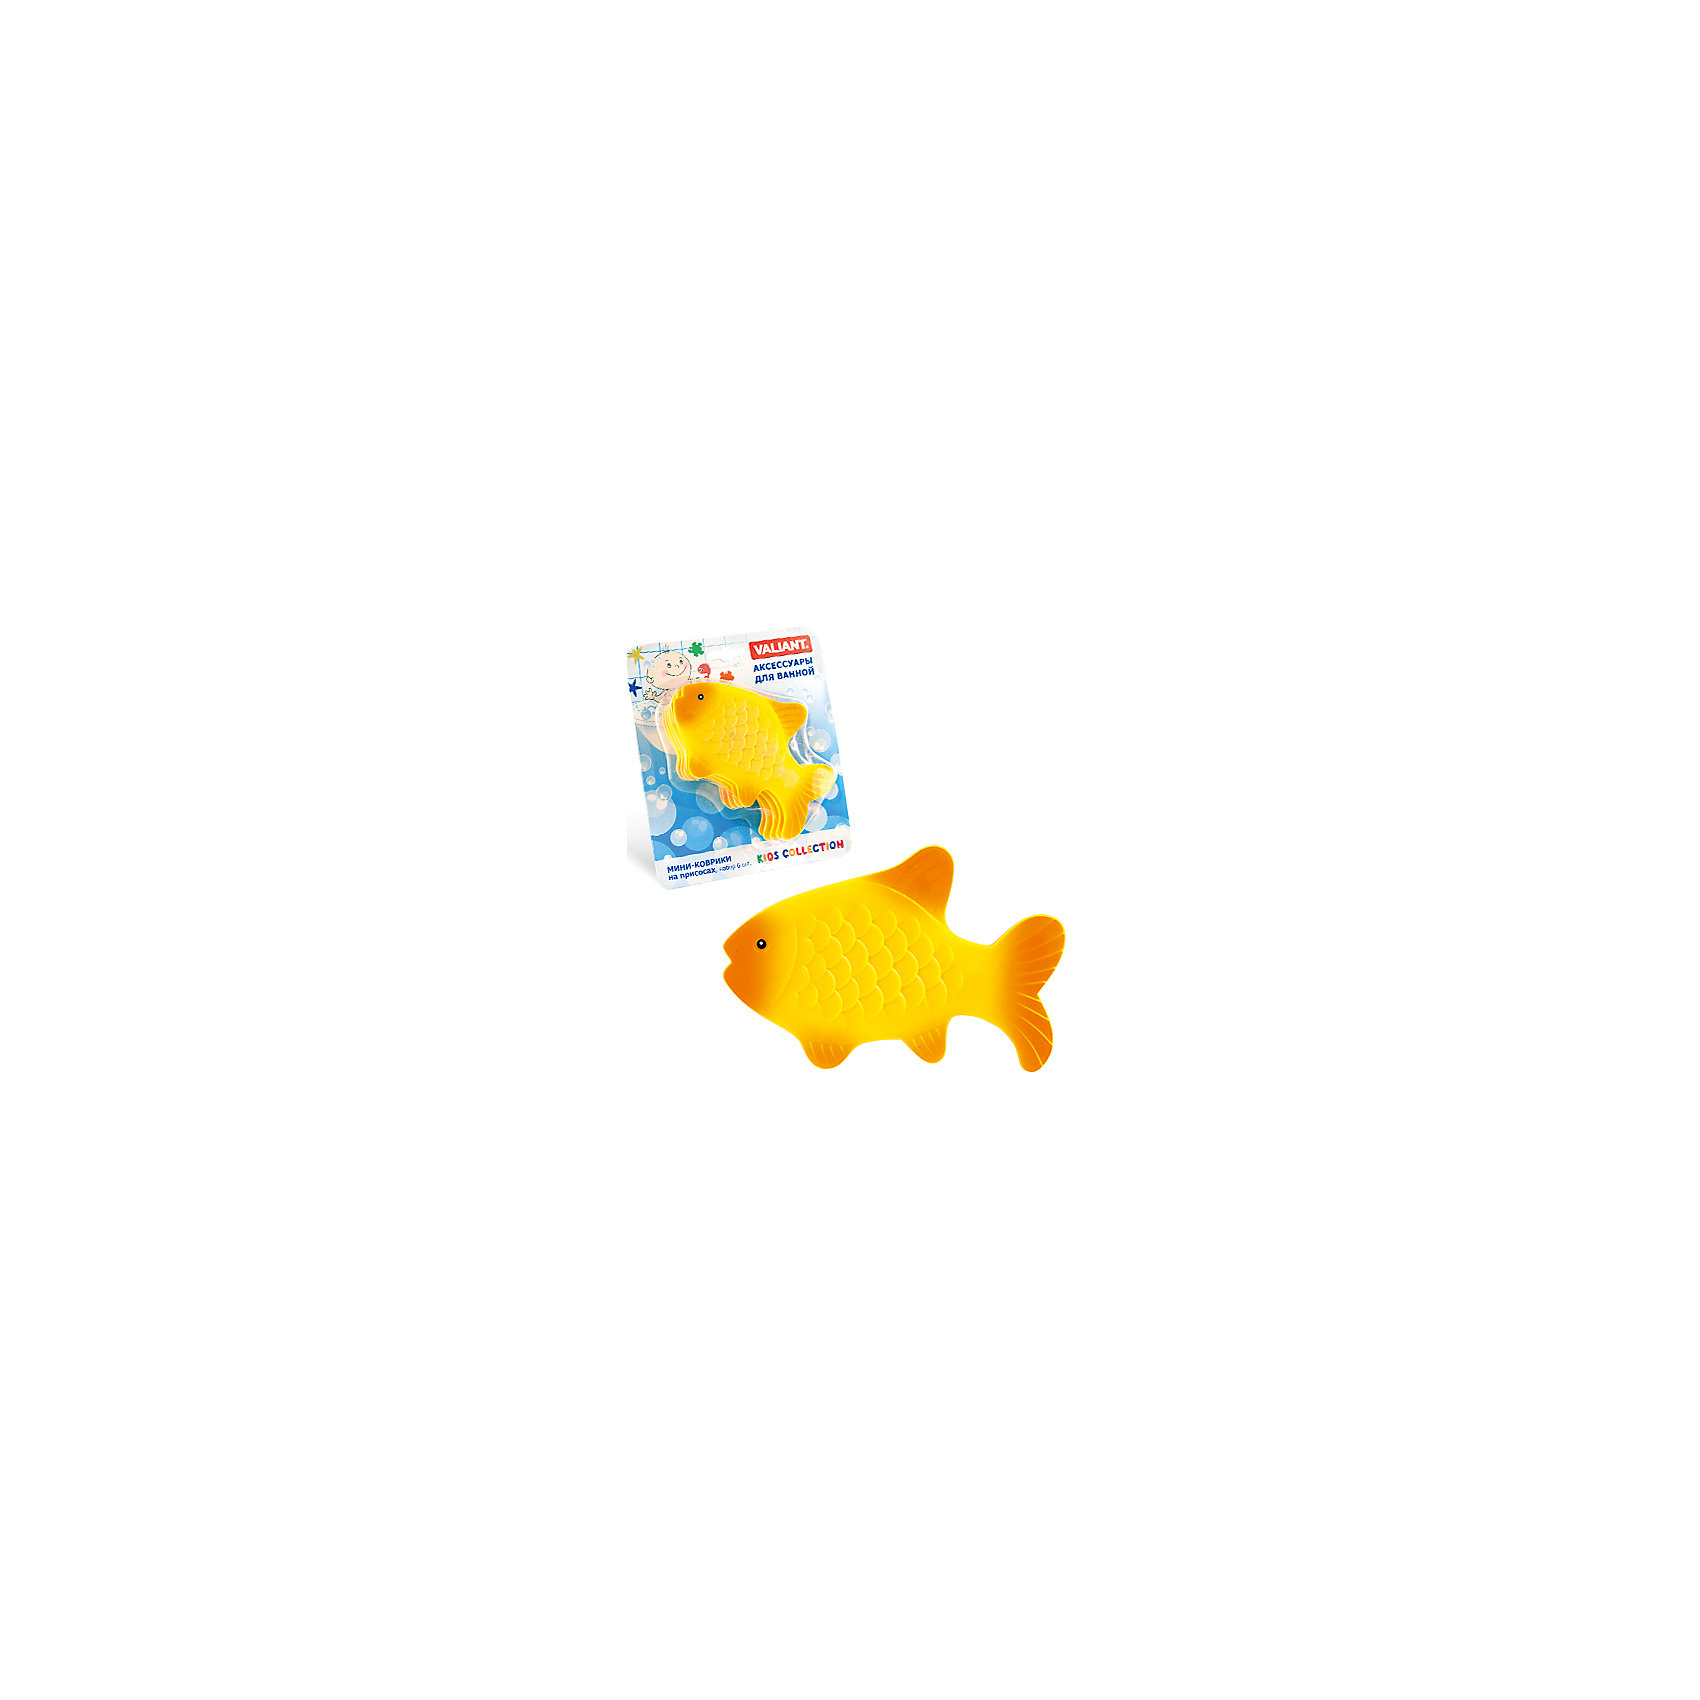 Набор ковриков для ванны на присосках Золотая рыбка, 6 штВанная комната<br>Набор ковриков для ванны на присосках Золотая рыбка, 6 шт – безопасное купание обеспечено.<br>Коврики крепятся к ванной с помощью присосок и не дают упасть. Позволяют маленьким непоседам превратить купание в игру без риска для жизни. Веселые, яркие и похожие на игрушки коврики сделаны из полностью безопасных материалов и содержат в себе антибактериальные компоненты. При высокой температуре воды коврики меняют свой цвет. <br><br>Дополнительно: <br><br>- 6 ковриков<br>- материал: винил<br>- размер:  12 х 9,5 см<br><br>Набор ковриков для ванны на присосках Золотая рыбка, 6 шт можно купить в нашем интернет магазине.<br><br>Ширина мм: 135<br>Глубина мм: 95<br>Высота мм: 15<br>Вес г: 181<br>Возраст от месяцев: 3<br>Возраст до месяцев: 36<br>Пол: Унисекс<br>Возраст: Детский<br>SKU: 4923437